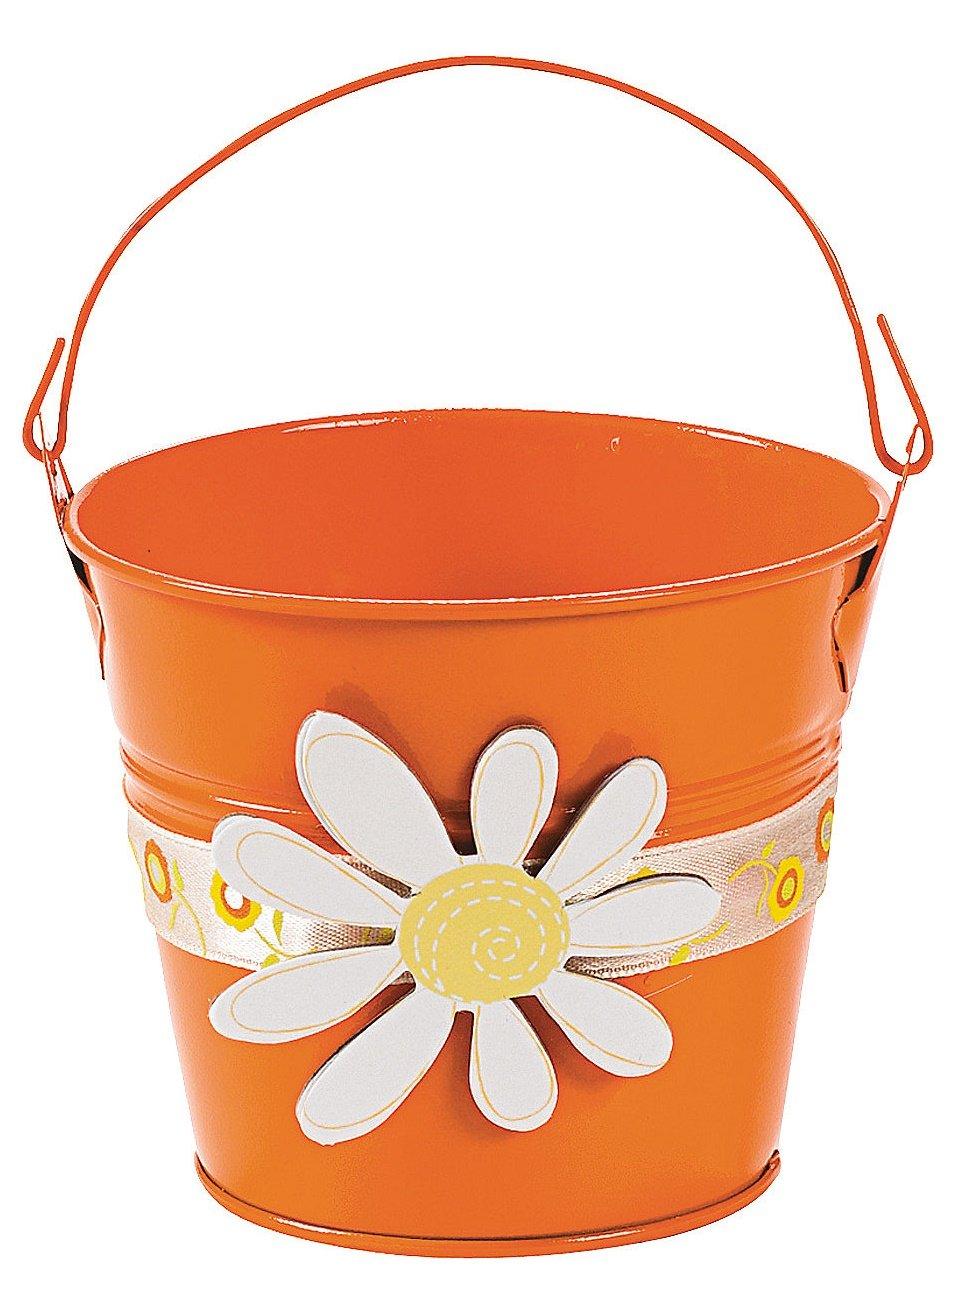 Mini Orange Pails with Handles (12 Pack) Metal. - Party Decorations & Pails & Baskets